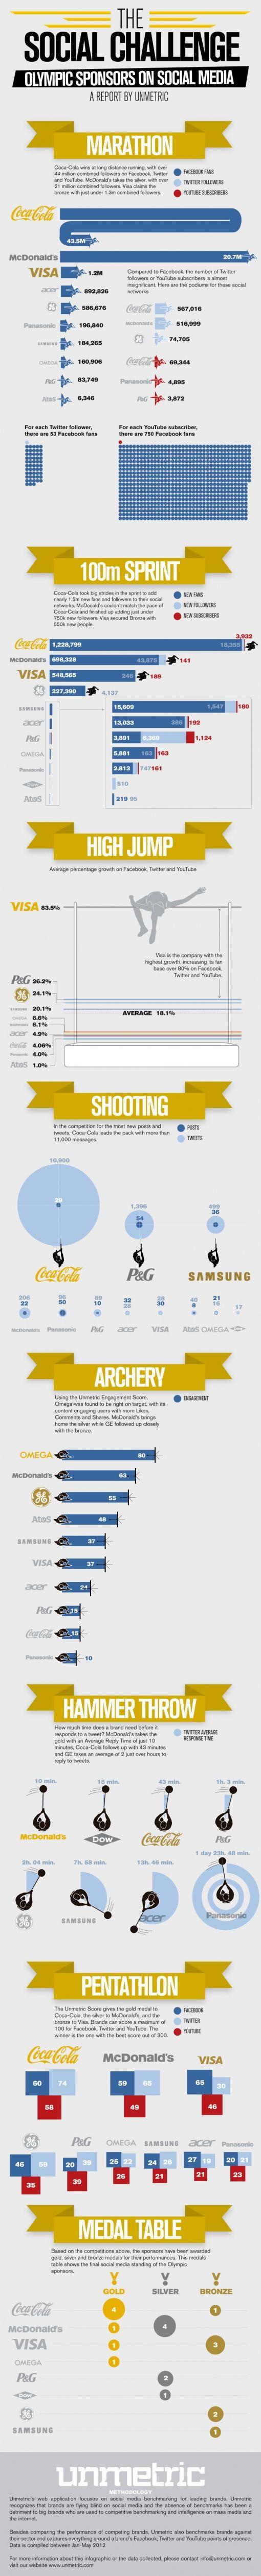 social-olympic-sponsors